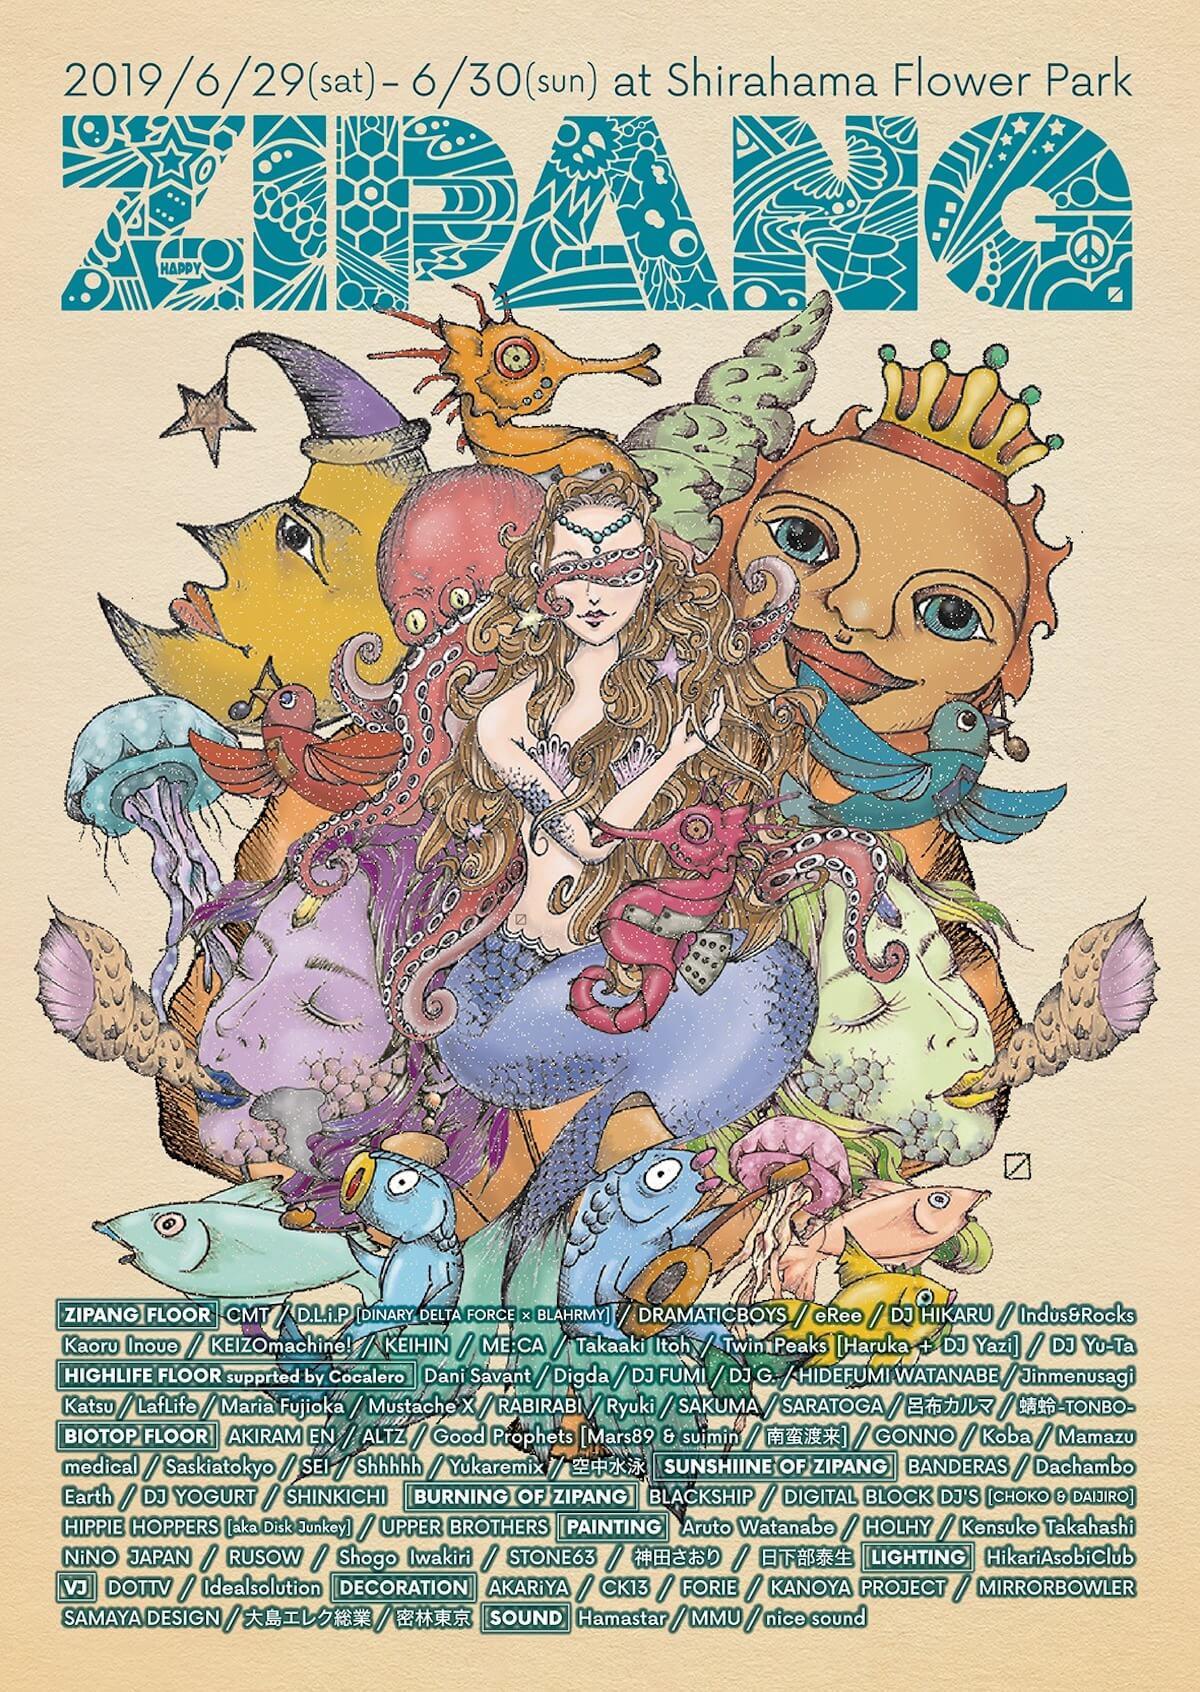 5周年を迎えるMusic&Art Fes<ZIPANG 2019>の全ラインナップが発表!呂布カルマ、Jinmenusagi、Takaaki Itohら総勢50組 60449633_2134975269931557_5837210324515684352_n